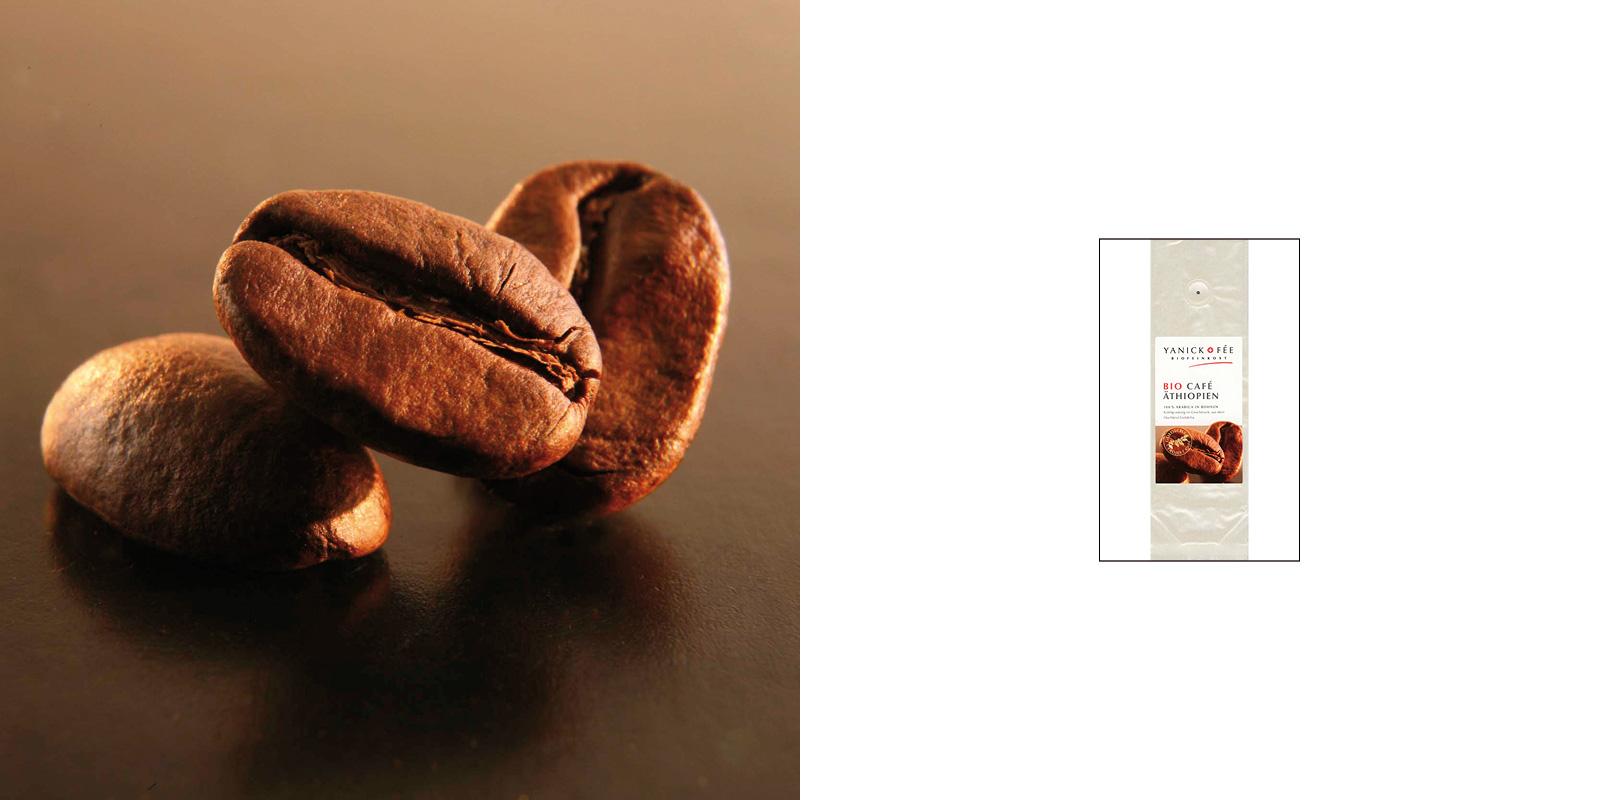 Victoria Huber Inszenierte Fotografie Stuttgart Foodfotografie Packaging Foodfotografie Biofeinkost